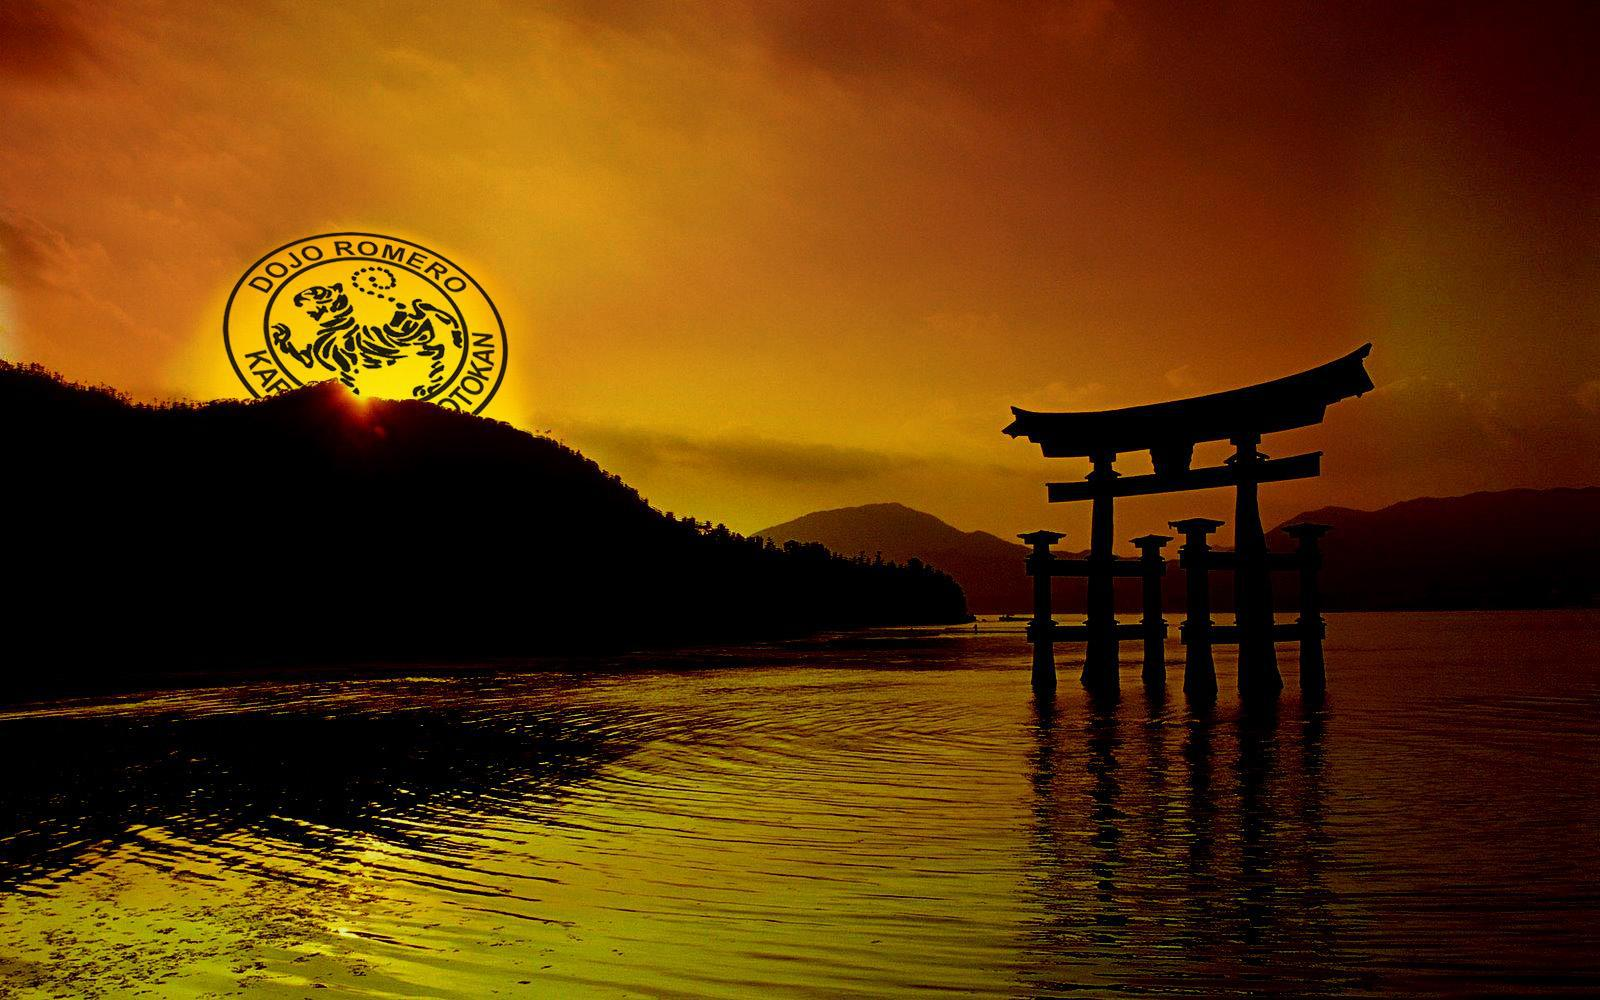 Shotokan Karate Wallpaper